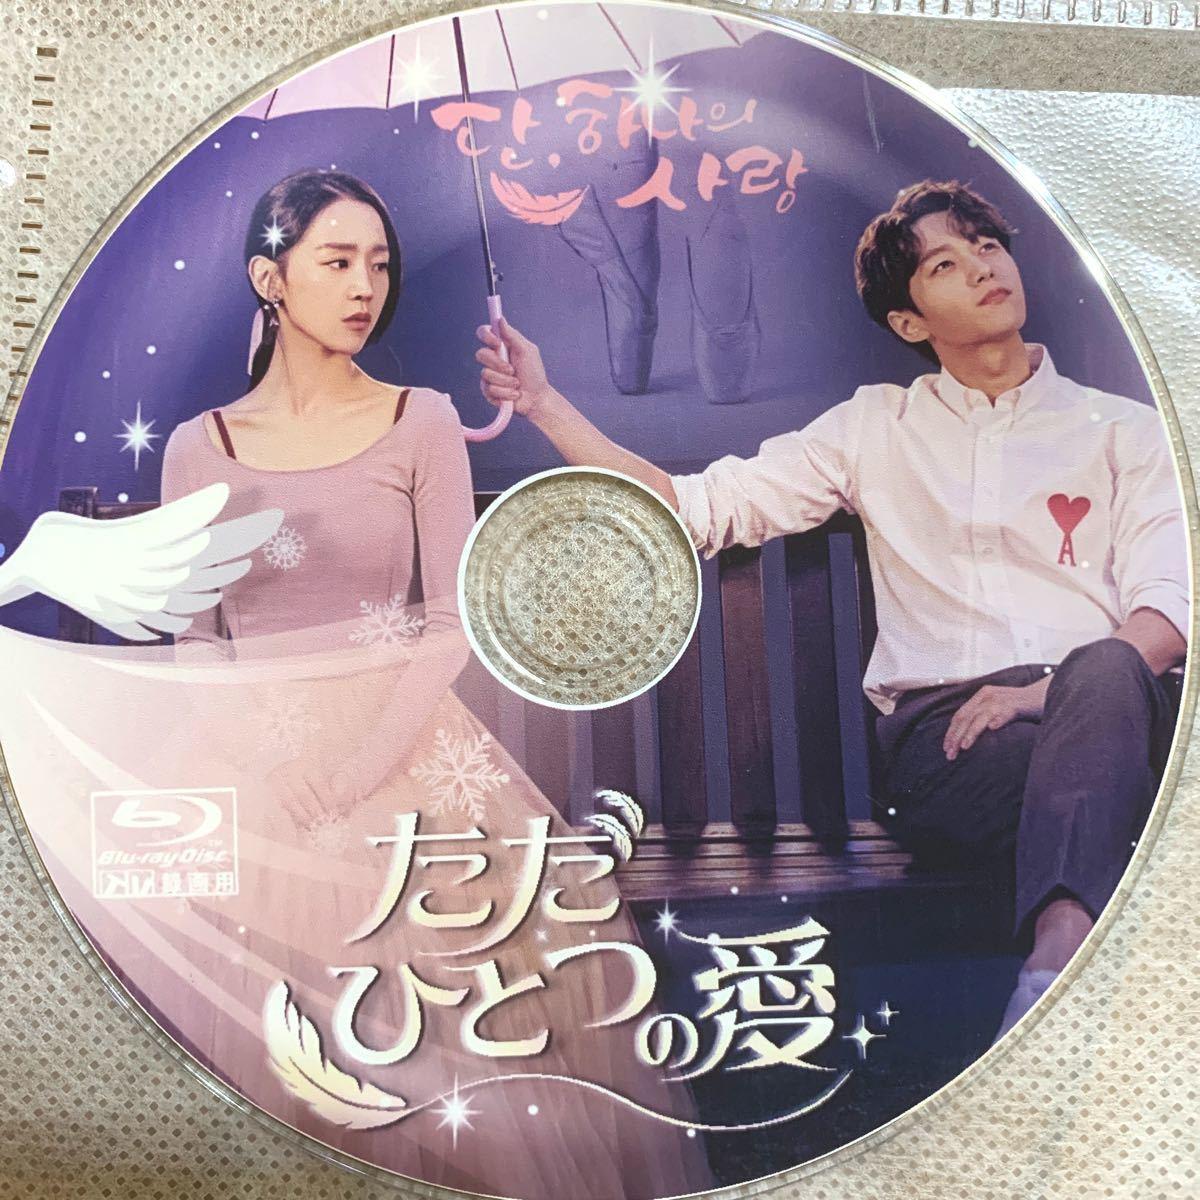 韓国ドラマ ただ一つの愛 、ただひとつの愛、ブルーレイ Blu-ray